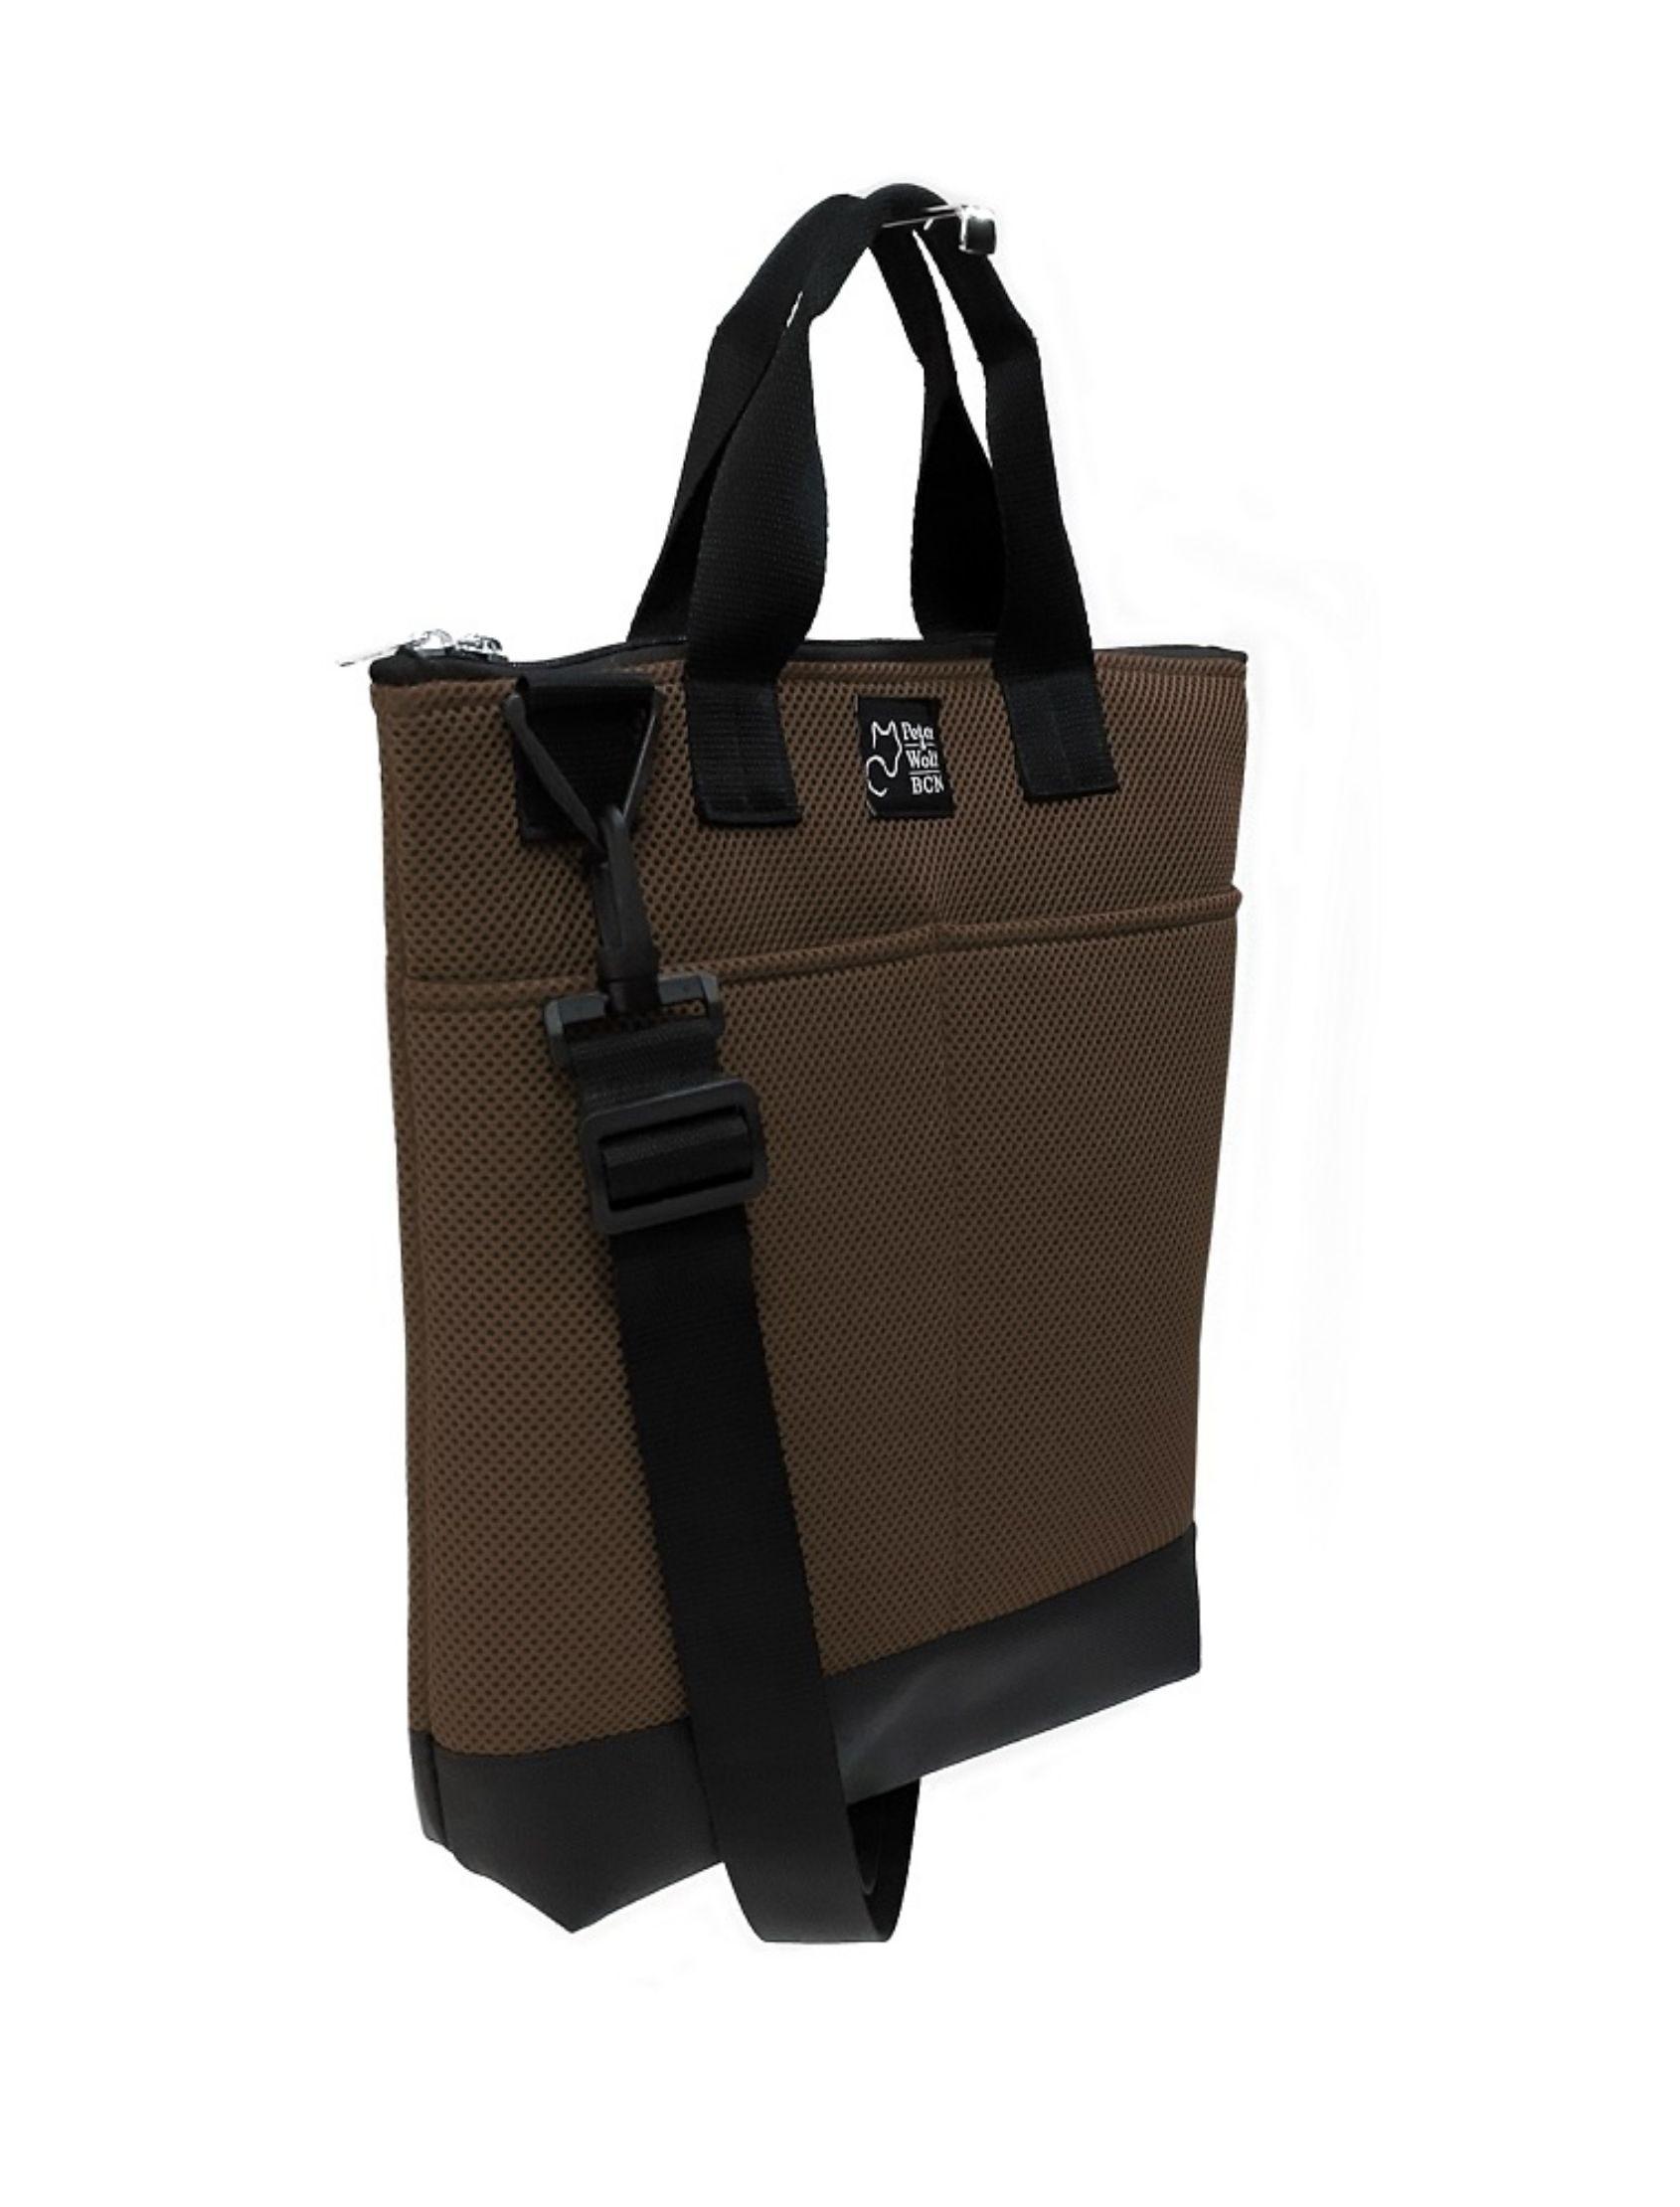 bolso tote bag pockets marrón cielo con tejido técnico en azul klein con asa corta y bandolera